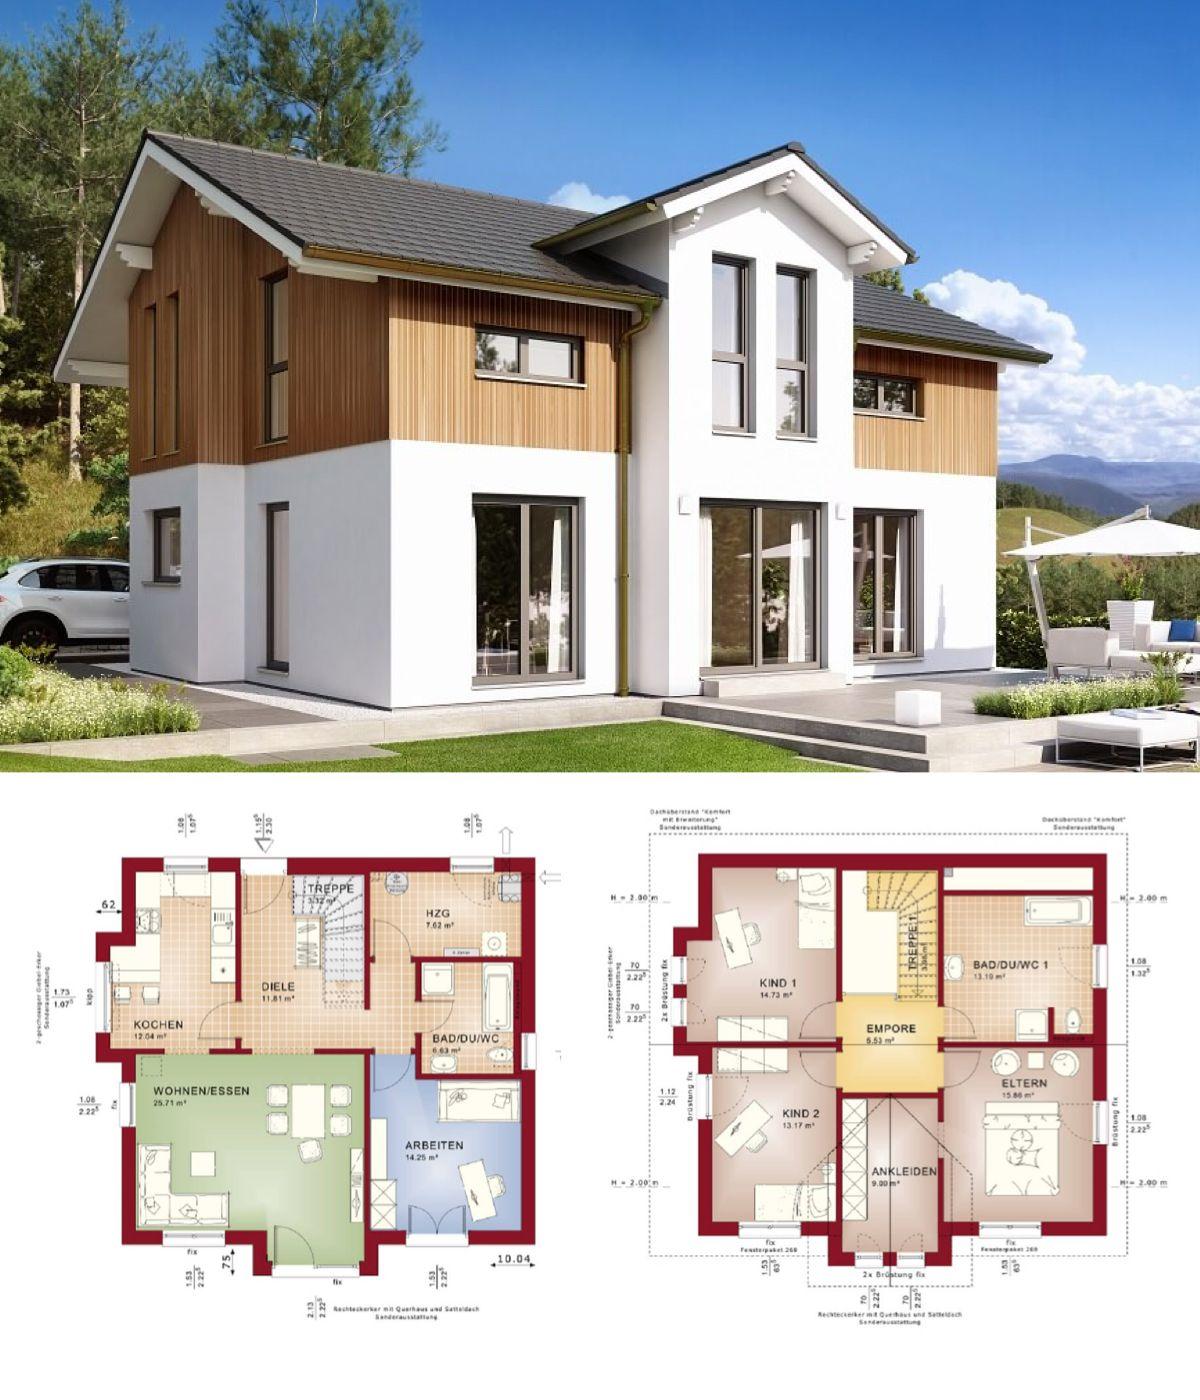 landhaus moderner alpenstil haus celebration 150 v8 bien zenker einfamilienhaus bauen. Black Bedroom Furniture Sets. Home Design Ideas